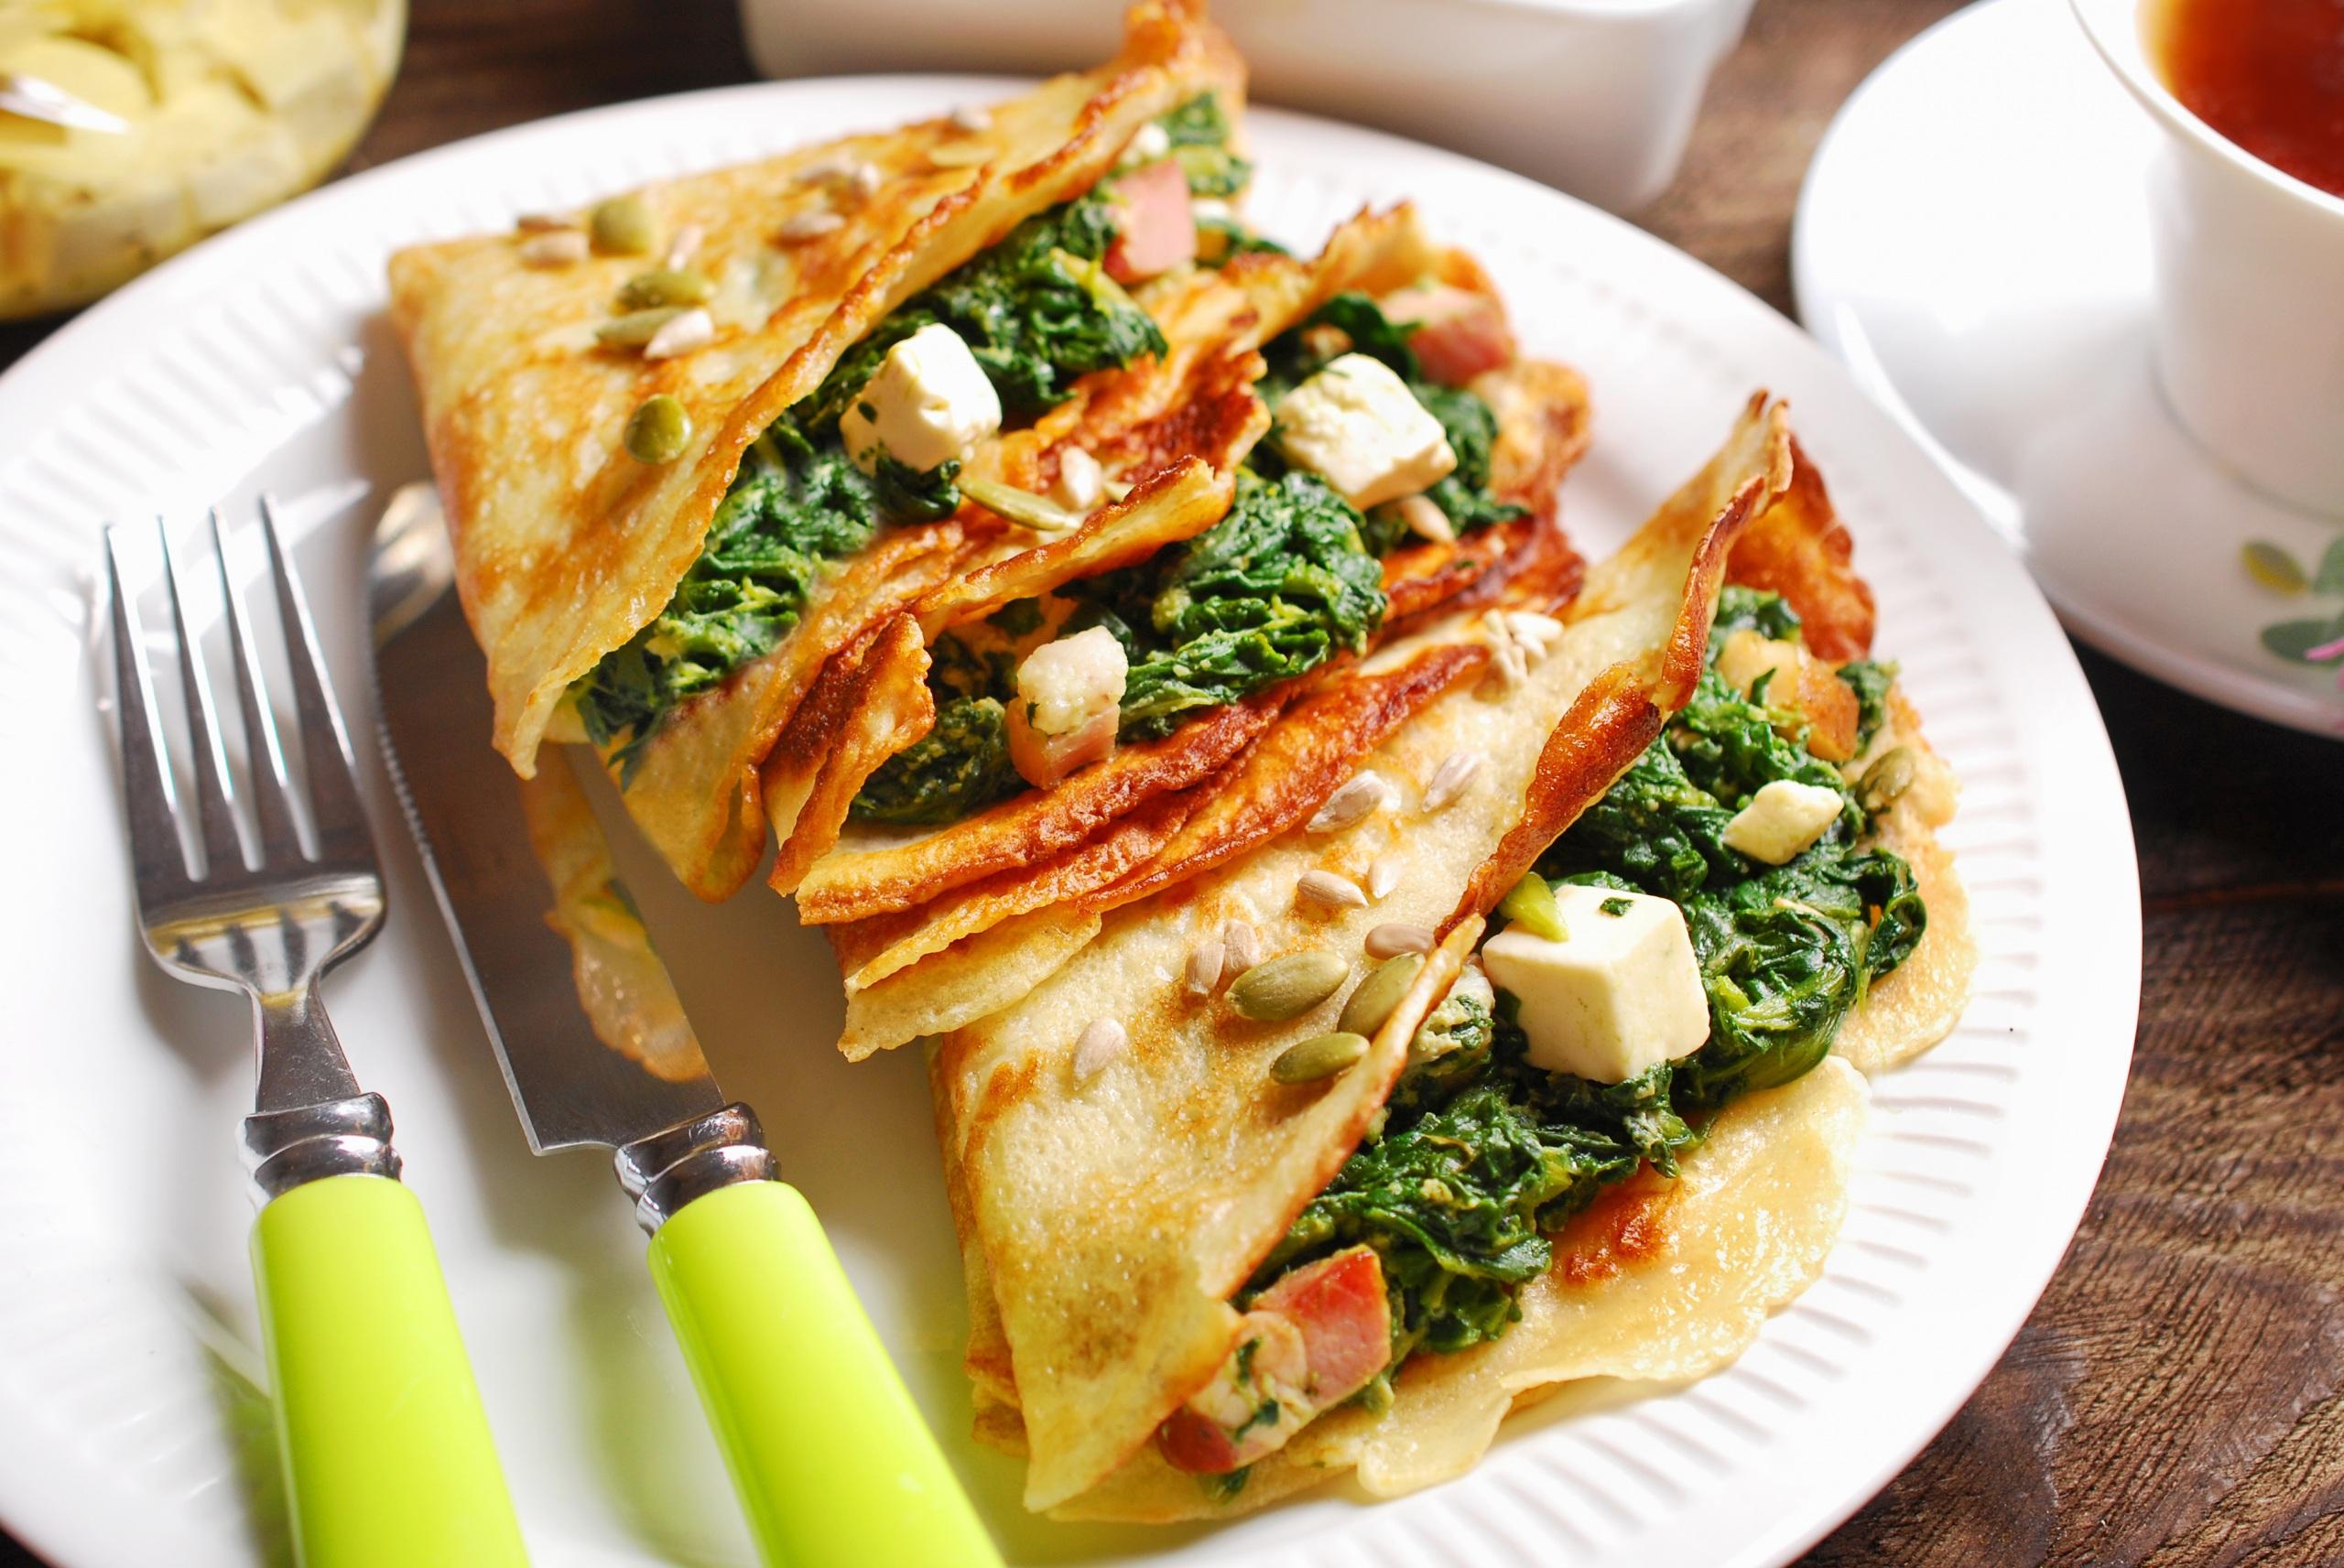 Картинка ножик Блины Овощи Вилка столовая Продукты питания 2560x1713 Нож Еда Пища вилки